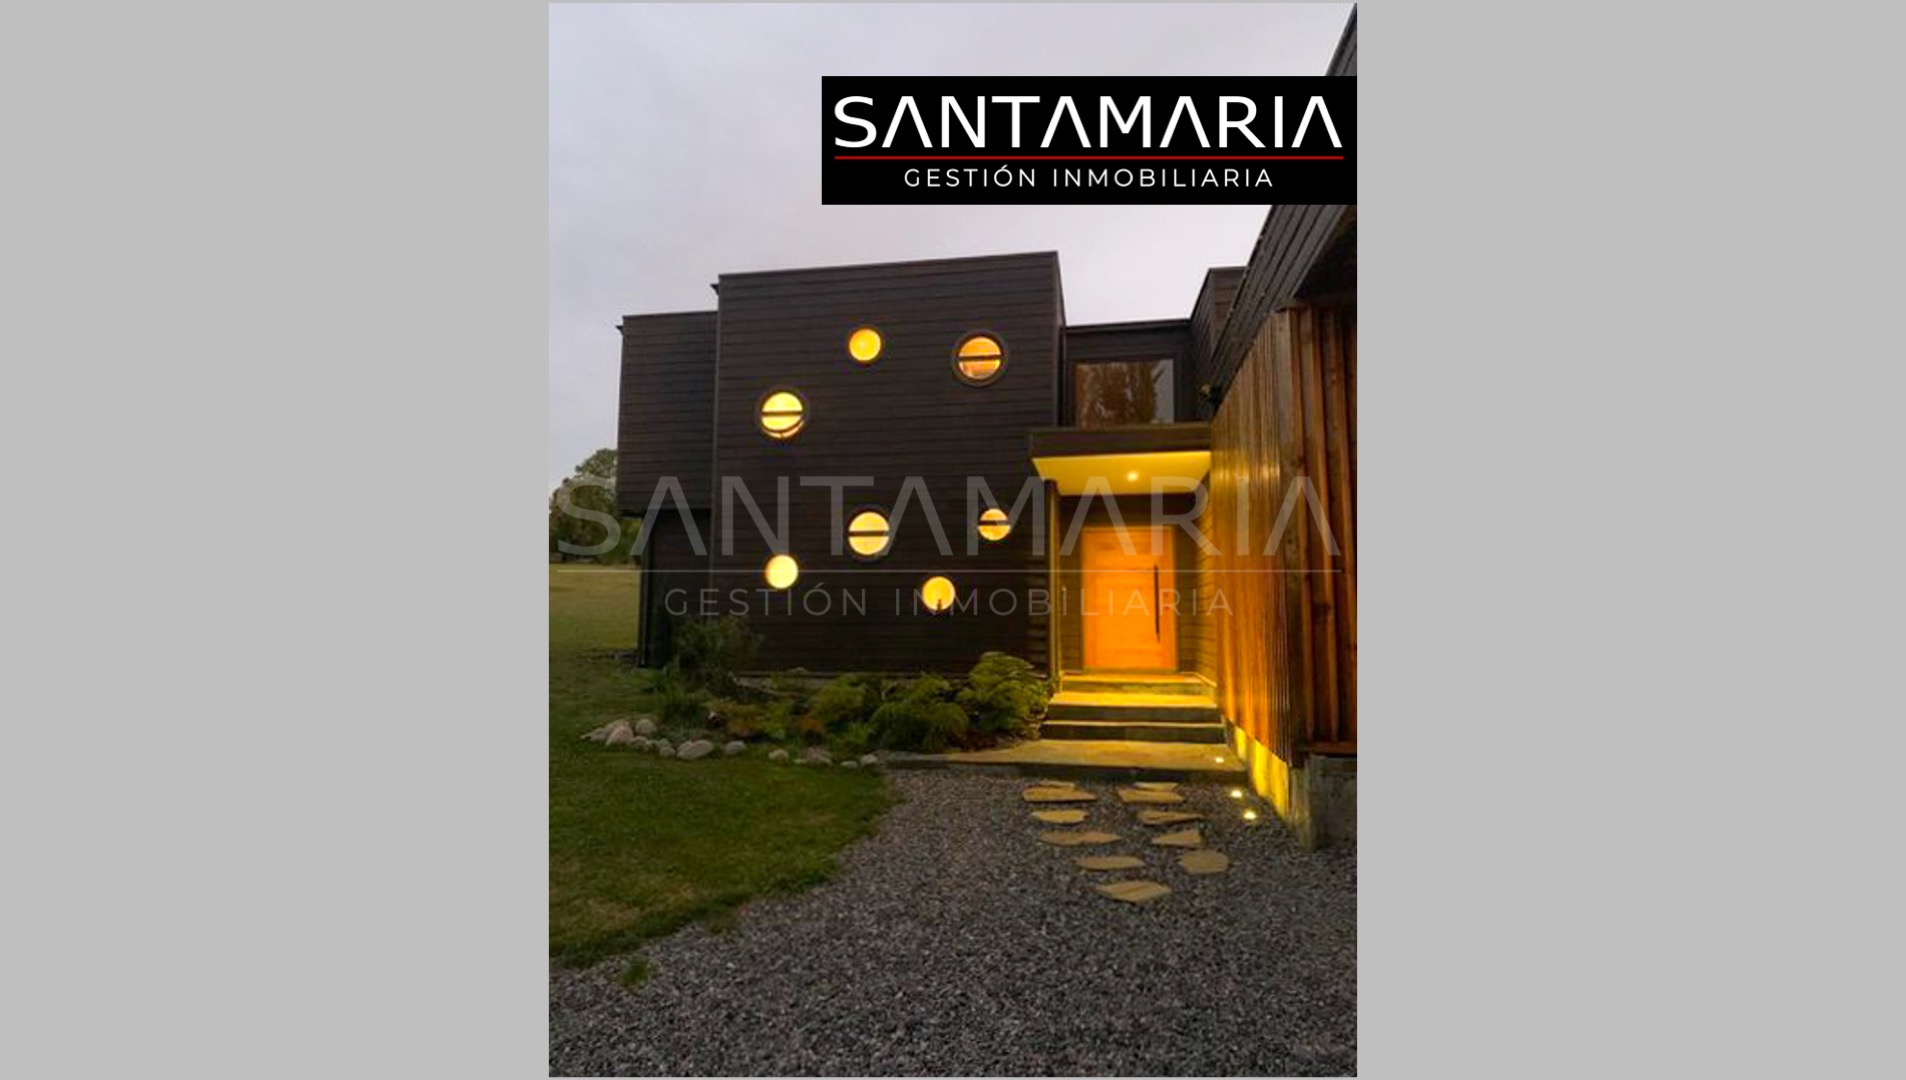 Propiedad de Santamaria Gestión Inmobiliaria